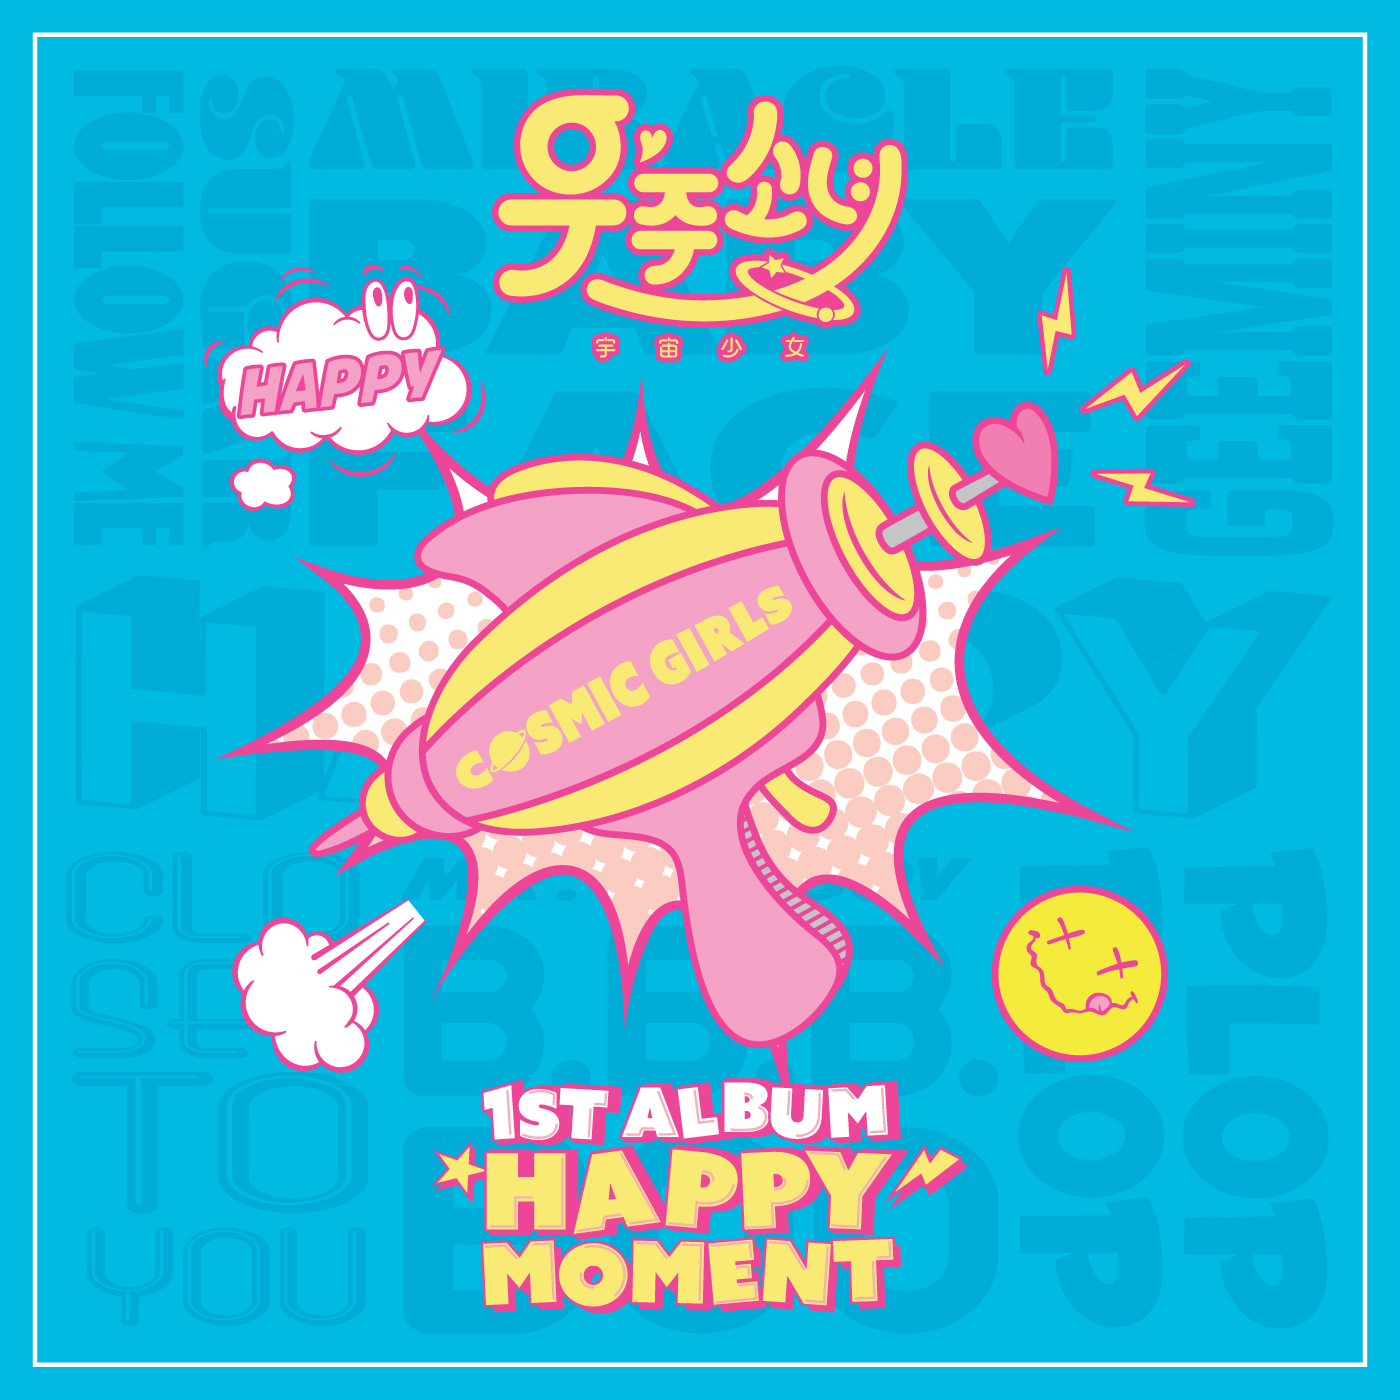 Happy Moment | Kpop Wiki | Fandom